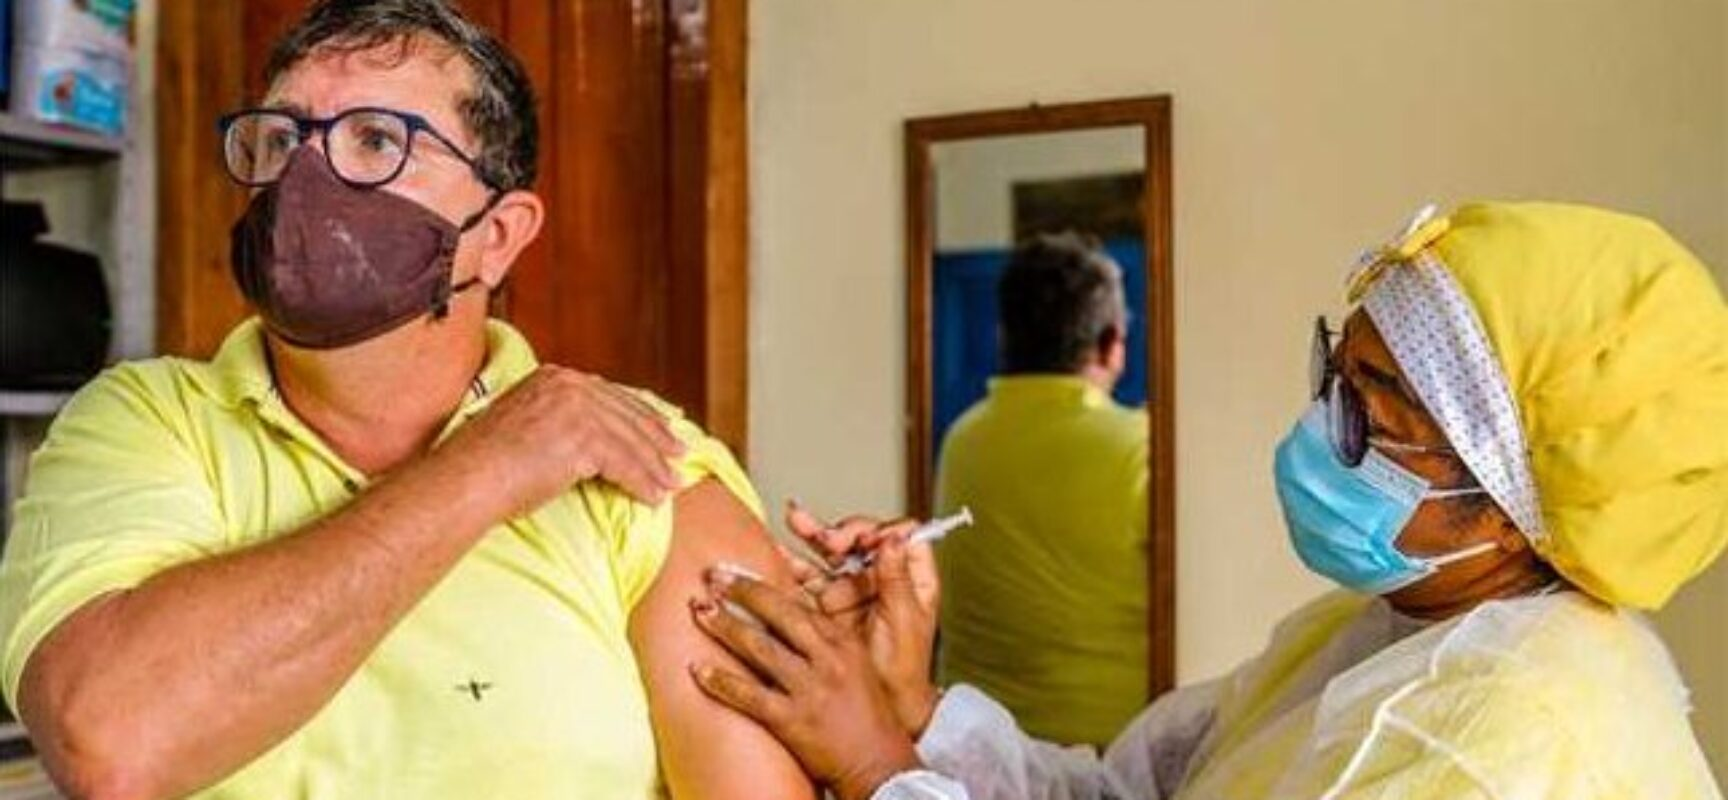 Prefeitura apresenta balanço mensal da vacinação contra a Covid-19 em Ilhéus